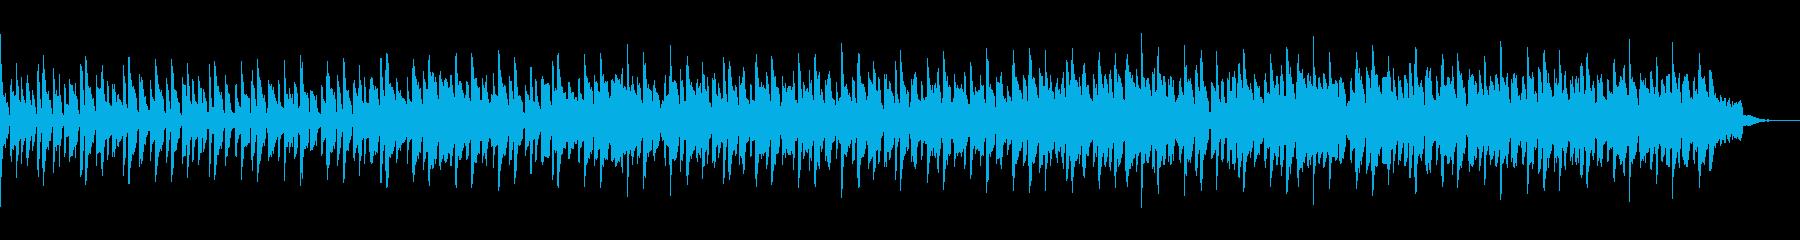 フルートメインのメローな曲の再生済みの波形